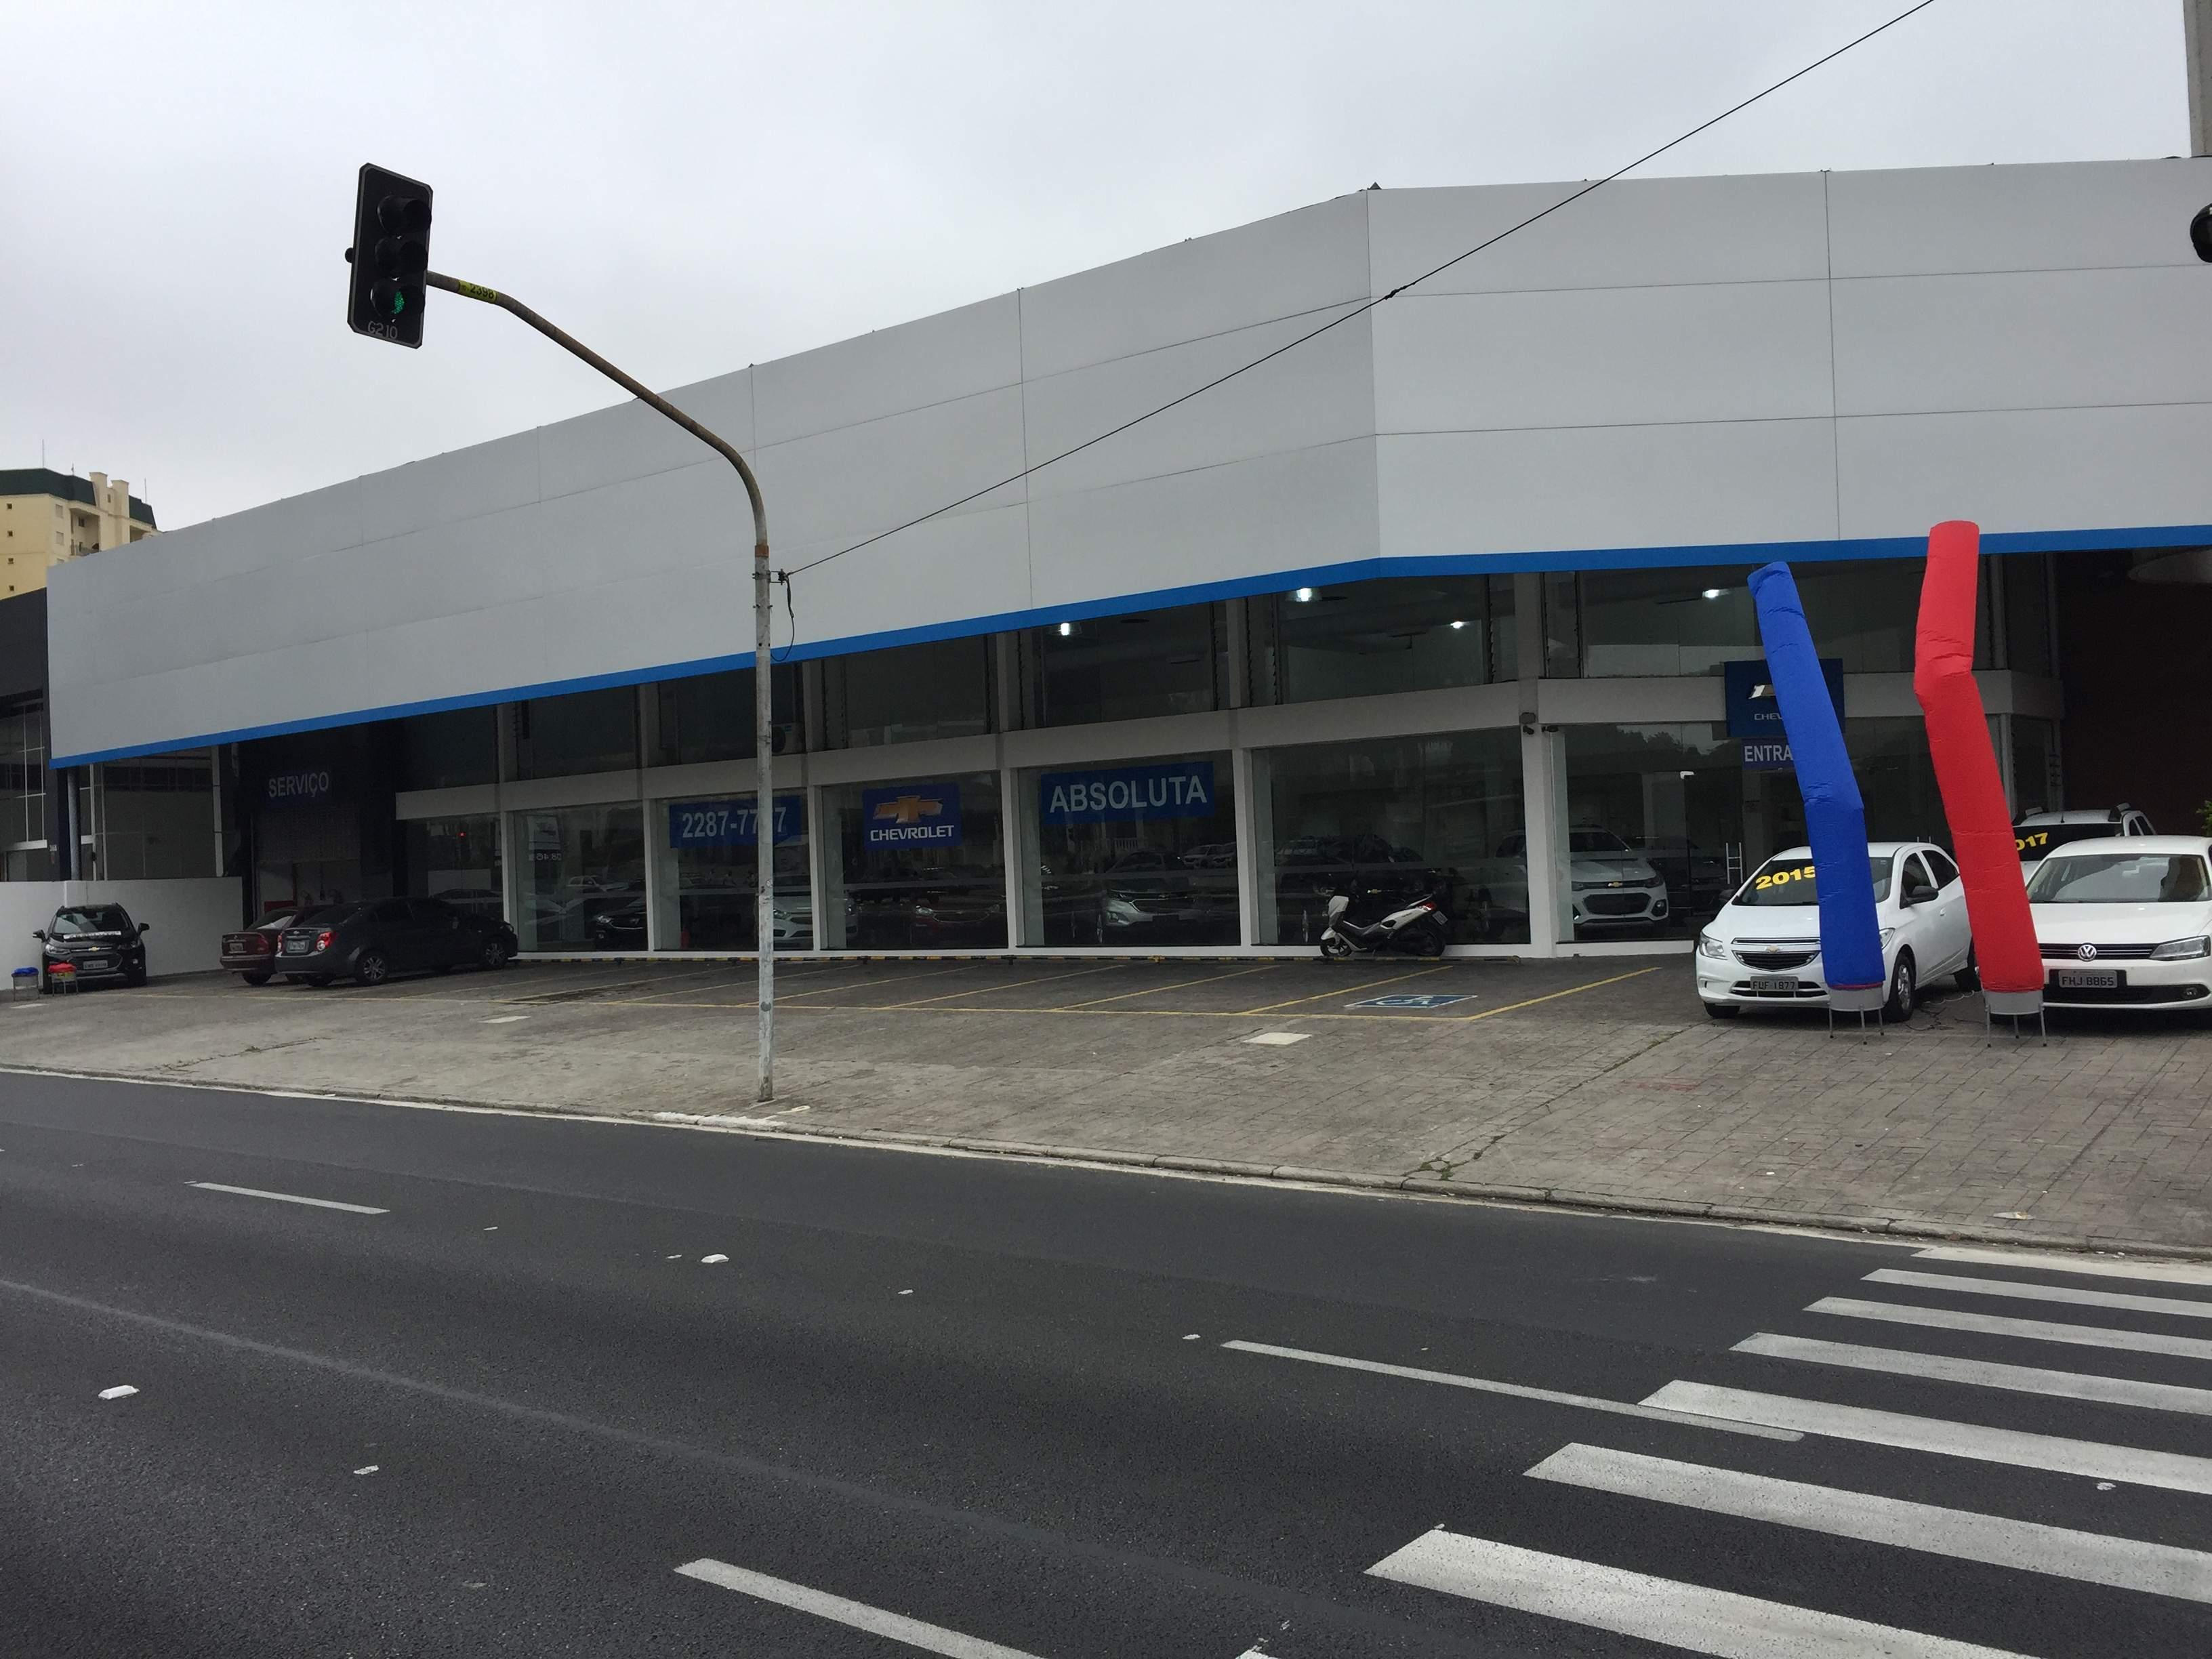 Fachada concessionária Chevrolet Absoluta Santana